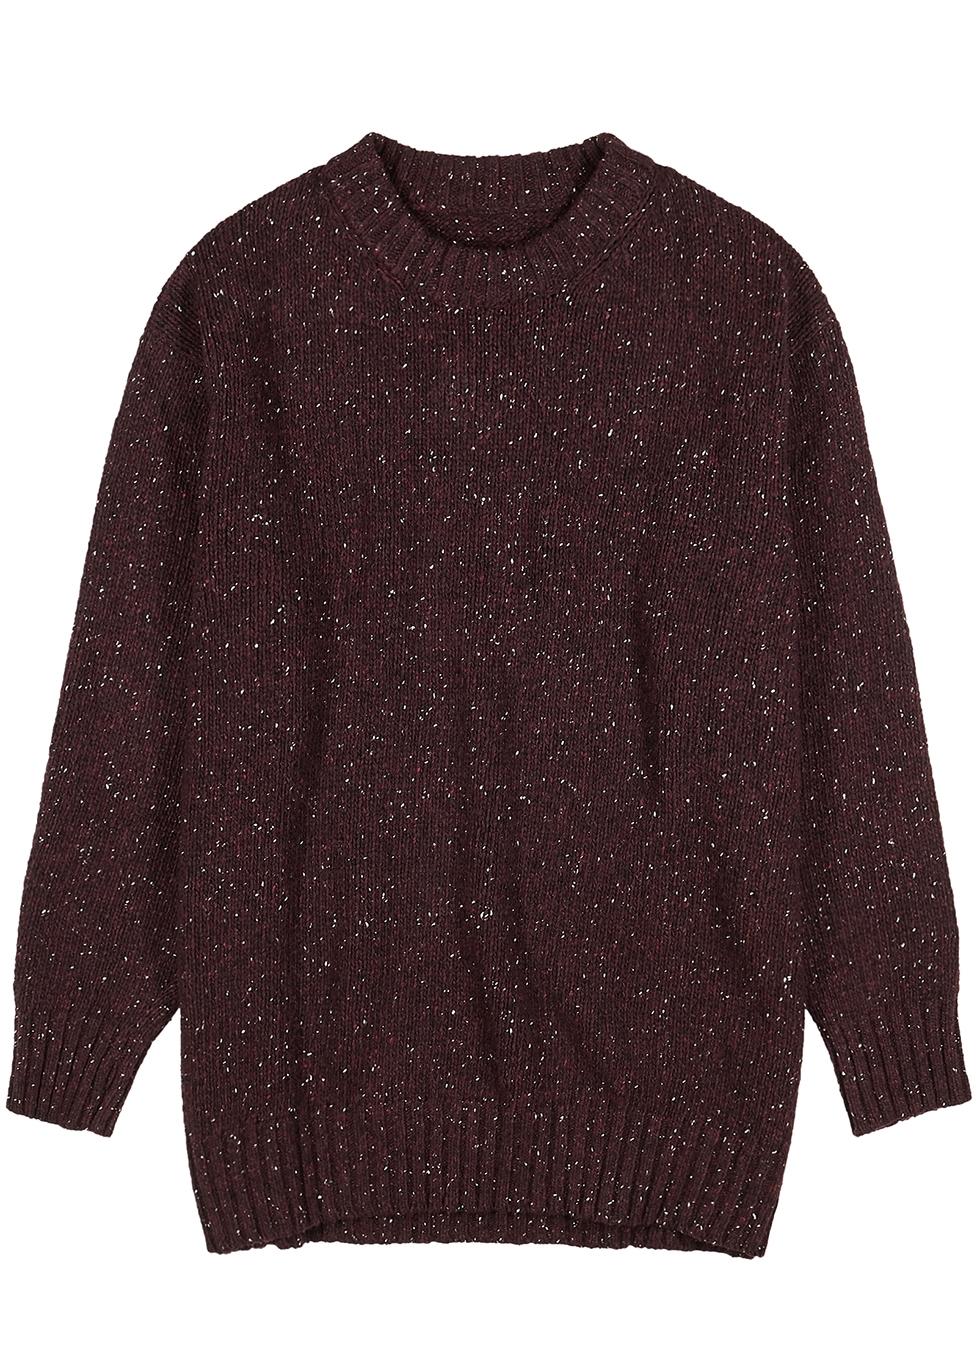 27fedc95d Men s Designer Knitwear and Jumpers - Harvey Nichols